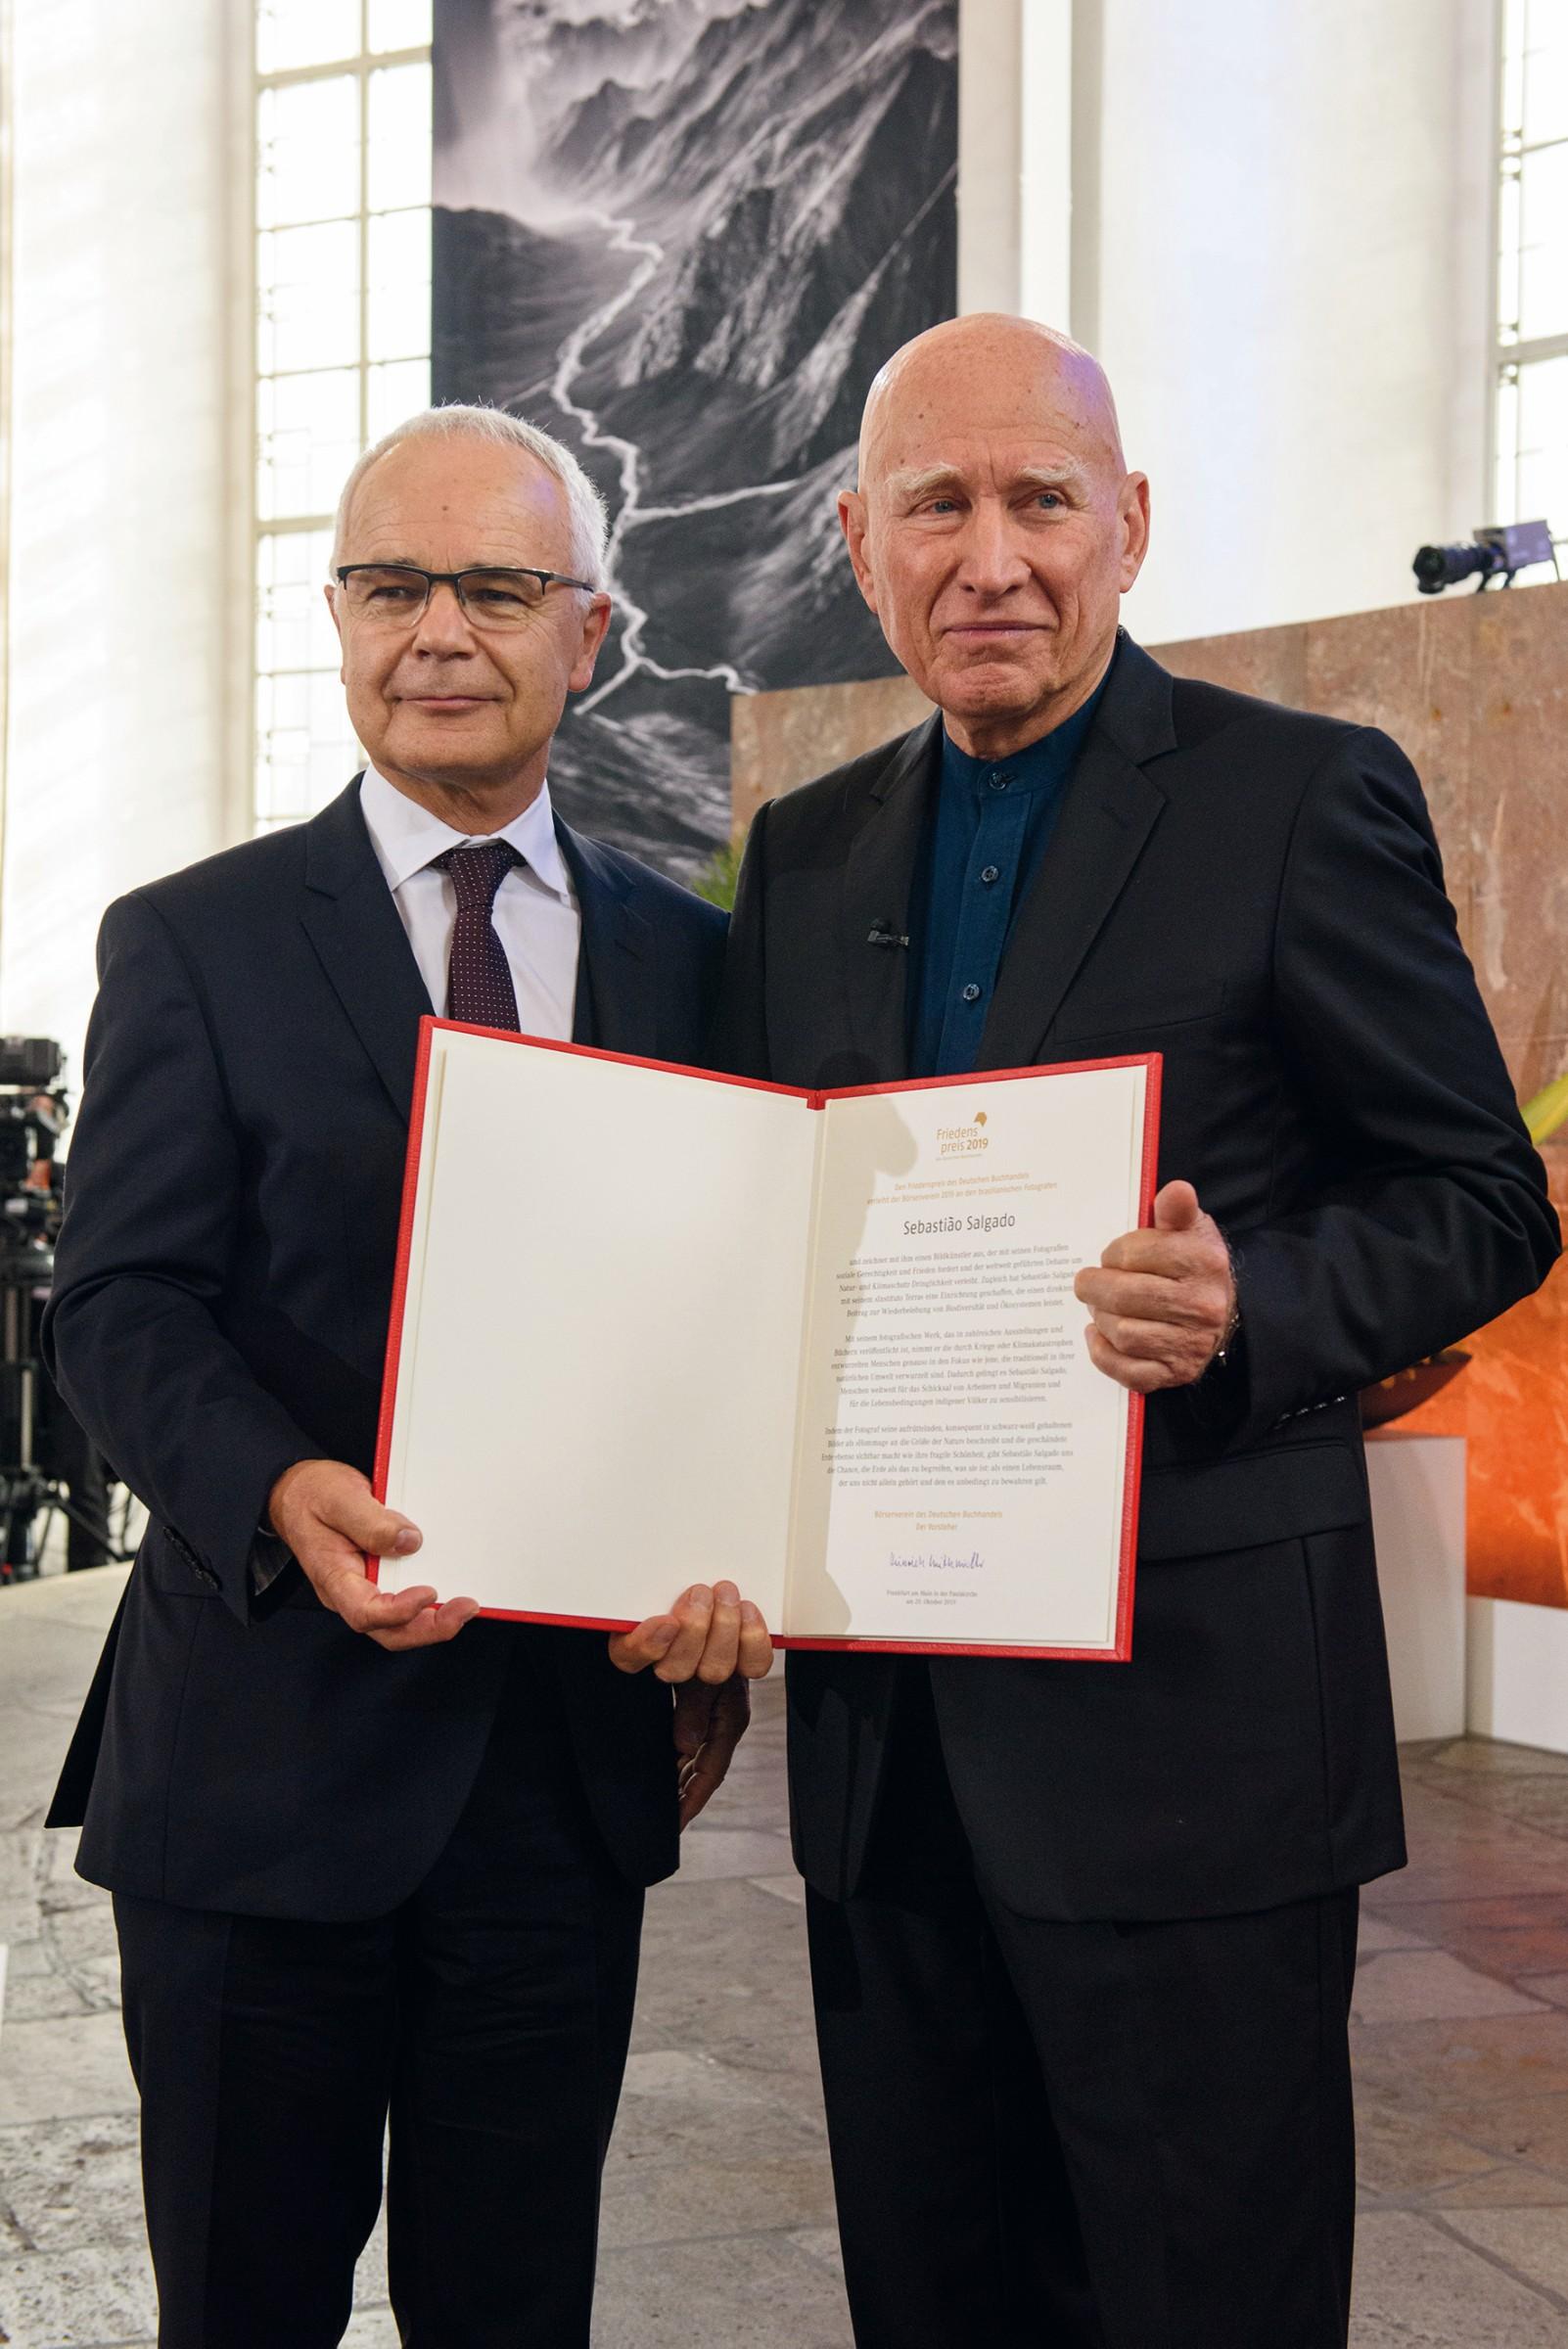 Friedenspreis: Der brasilianische Fotograf Sebastião Salgado (r.) wurde von Börsenvereins-Vorsteher Heinrich Riethmüller mit dem Friedenspreis geehrt. (Foto: Tobias Bohm)